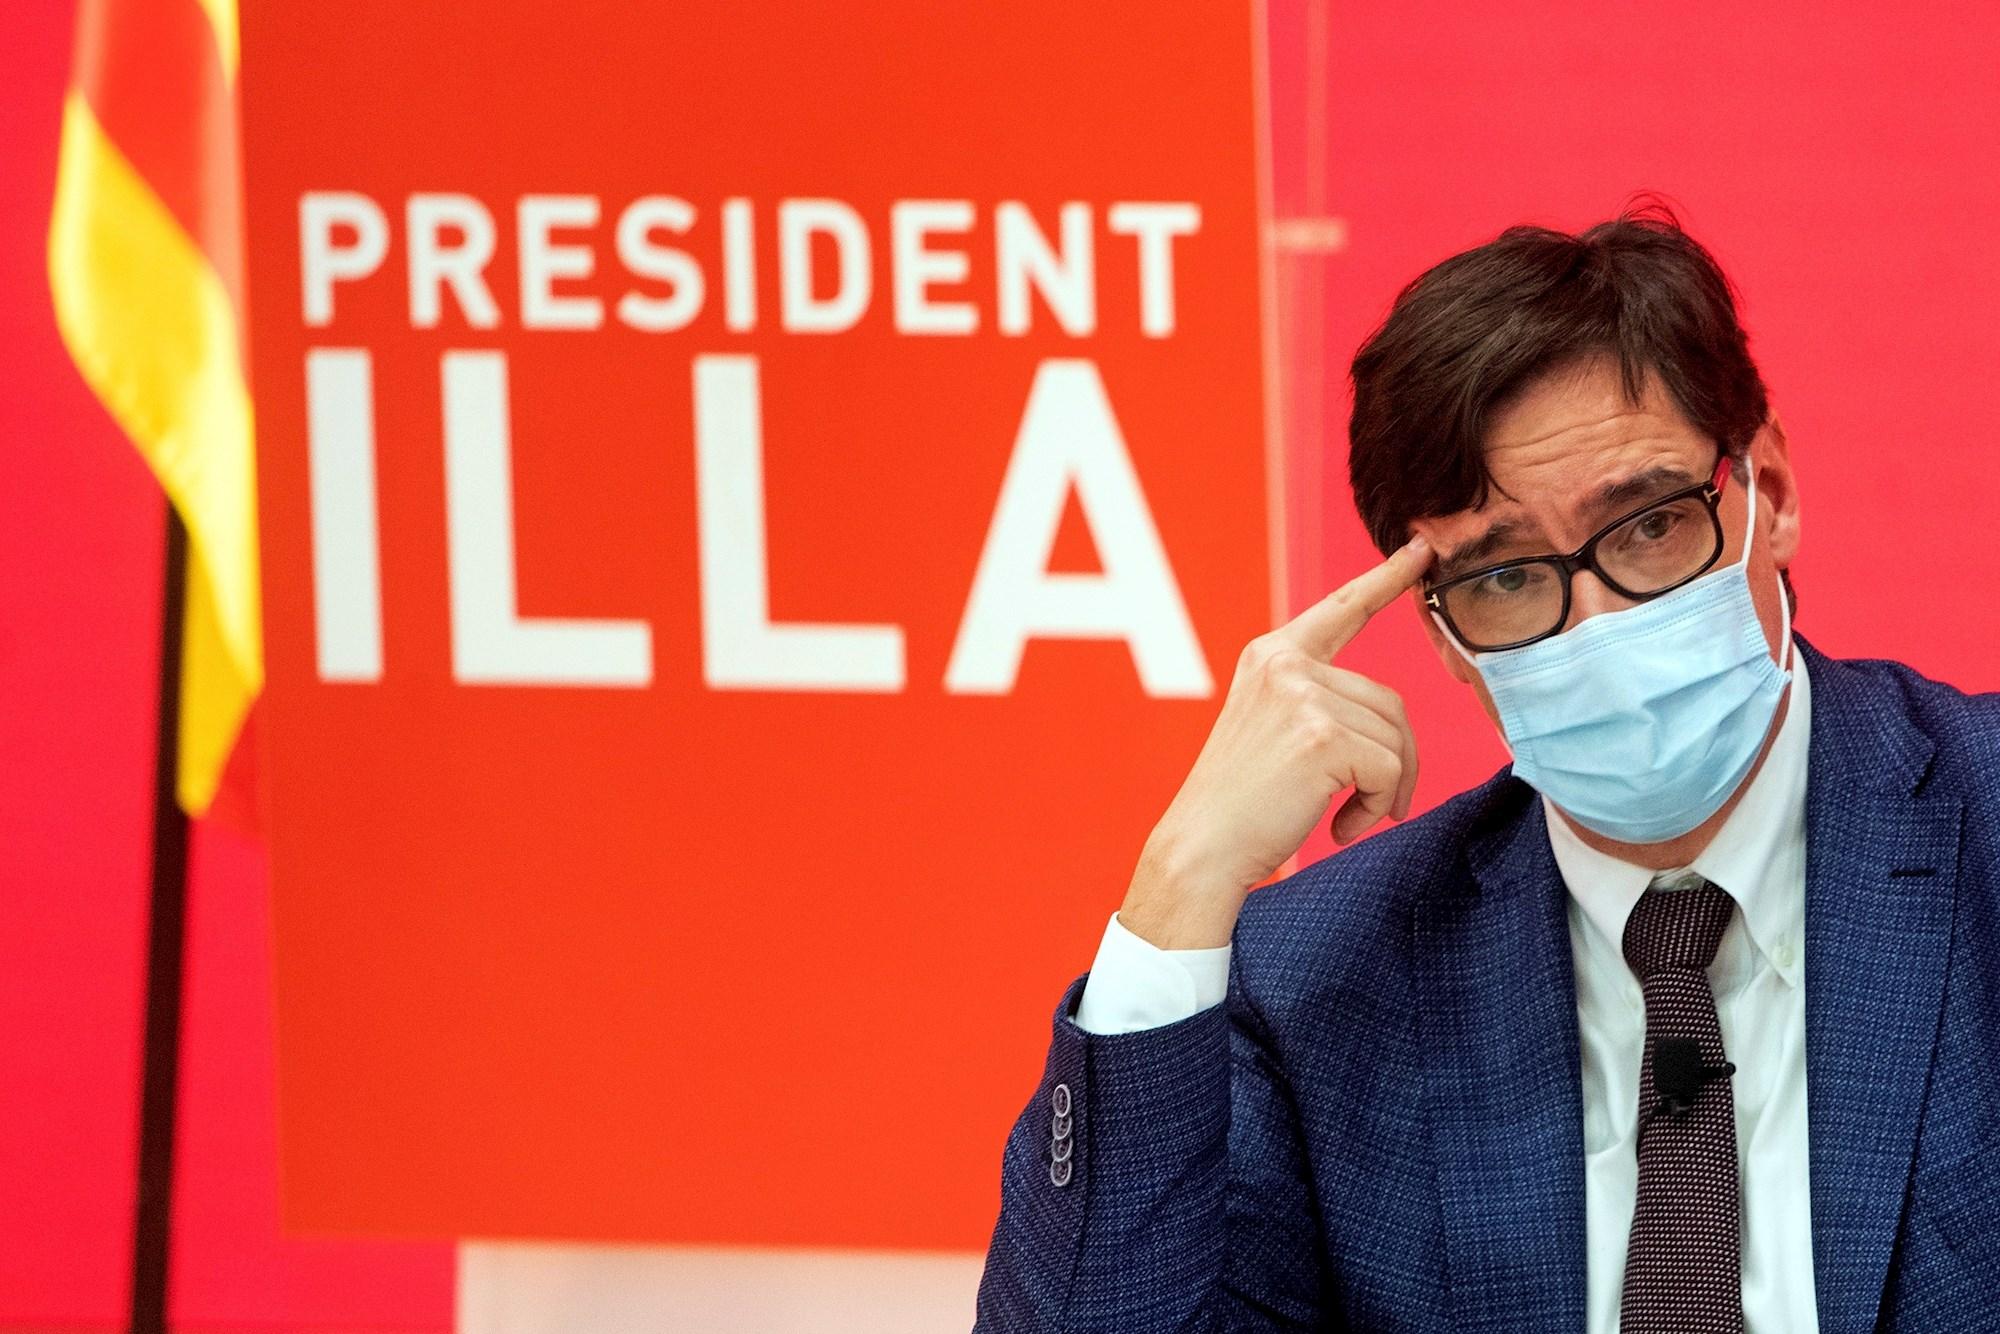 El candidato del PSC al 14-F, Salvador Illa, durante un acto electoral en Barcelona, el 3 de febrero de 2021 | EFE/MP